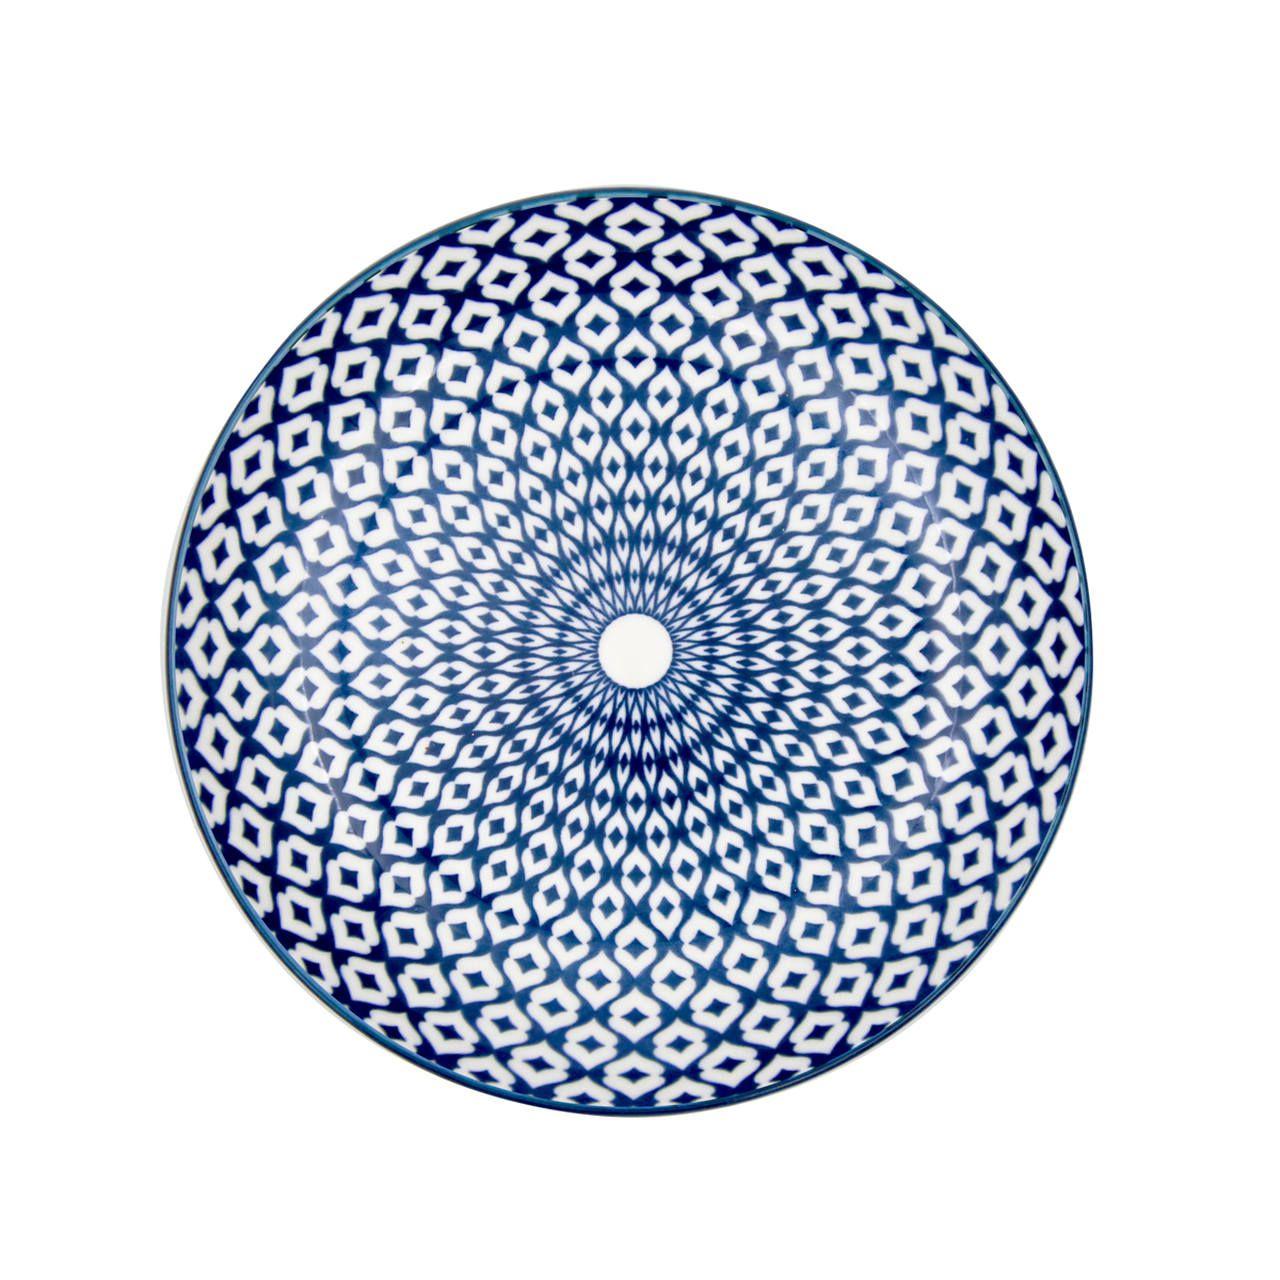 Jogo de 4 Pratos Fundo de Porcelana Decor 20,4cm